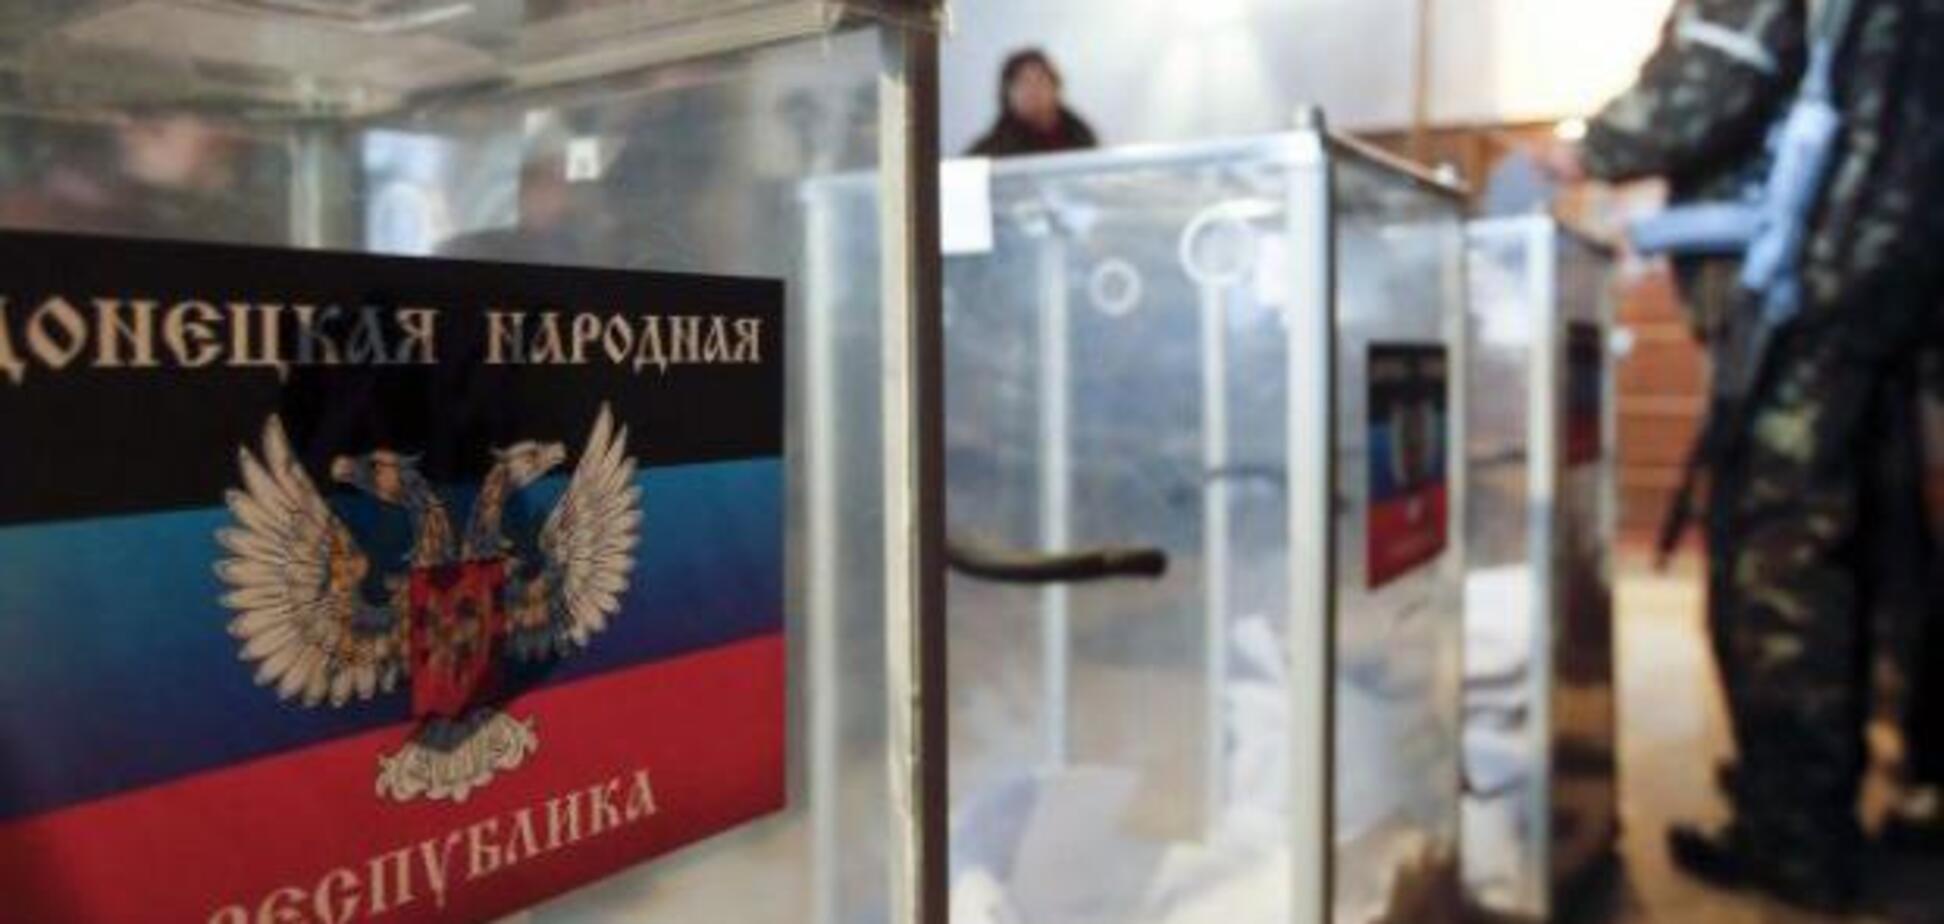 ''Привезуть інвалідів'': Шахов розкрив деталі ''виборів'' на Донбасі